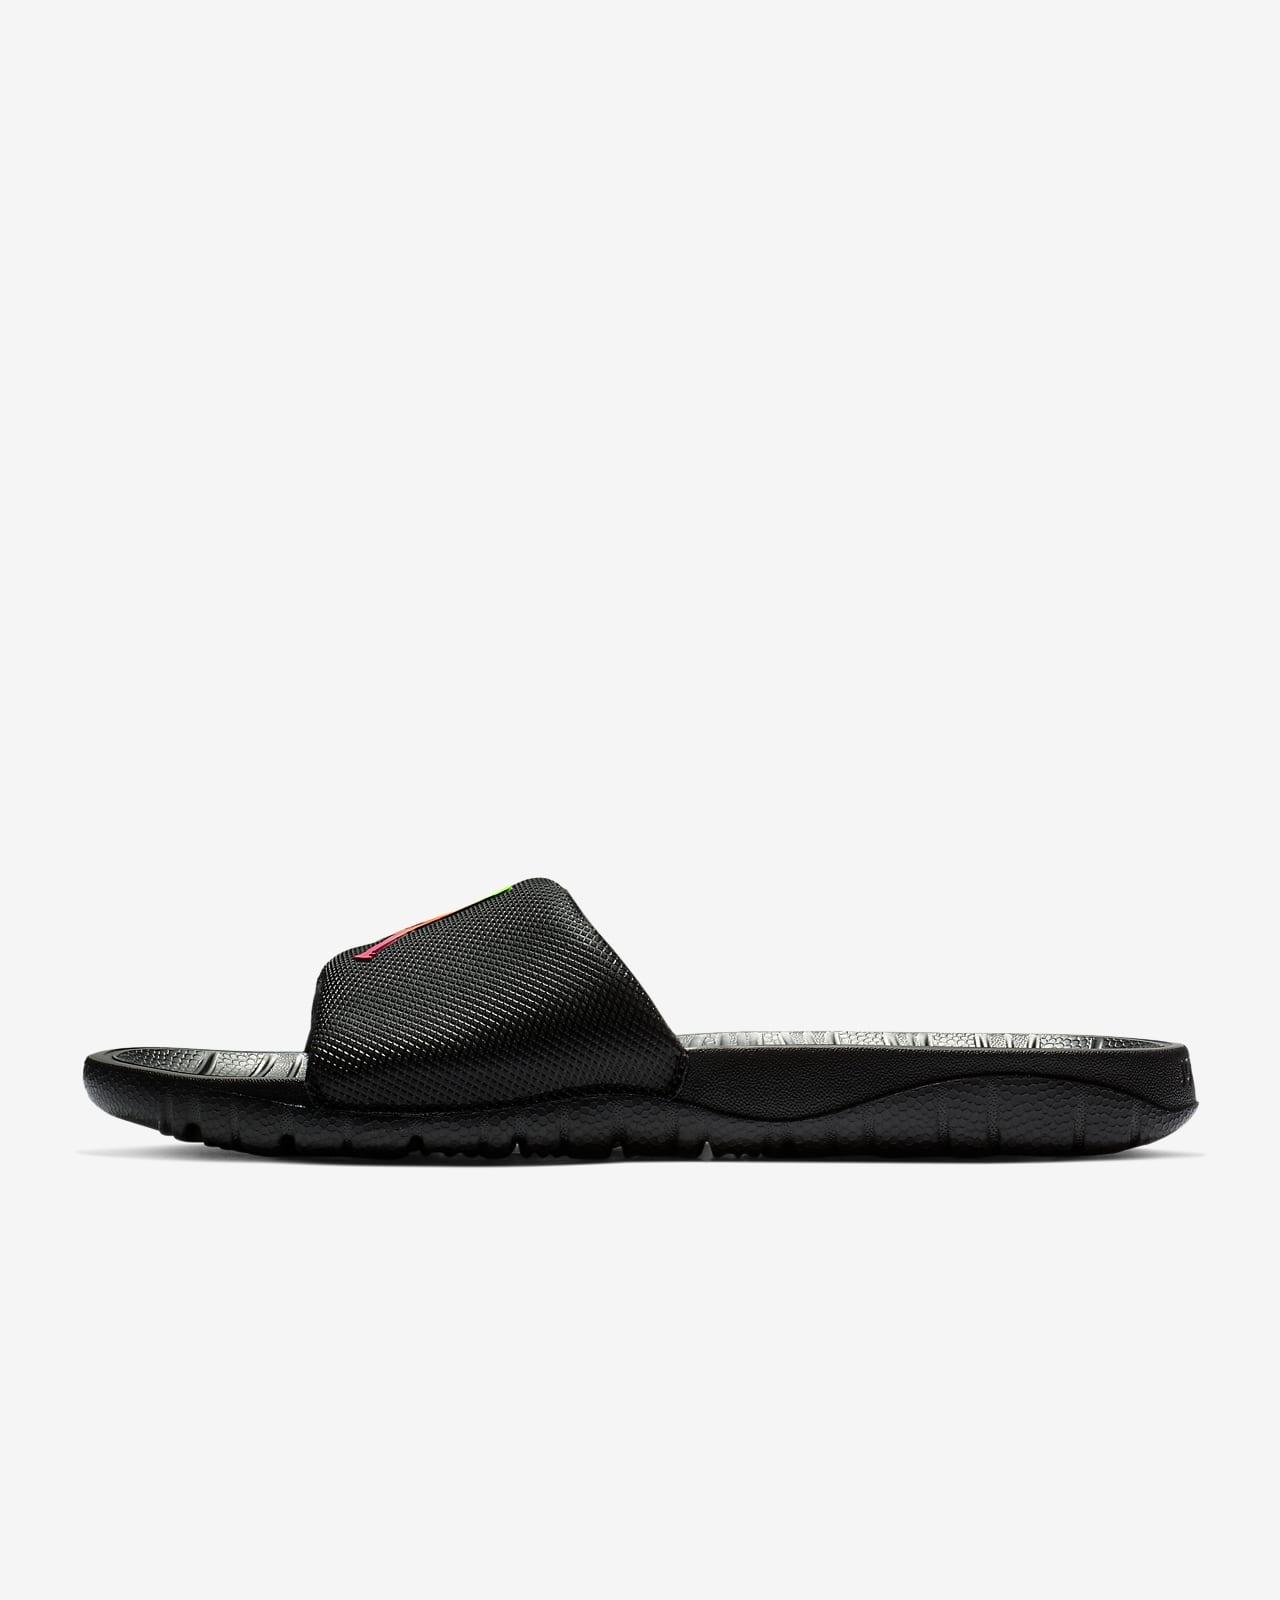 Jordan Break 拖鞋